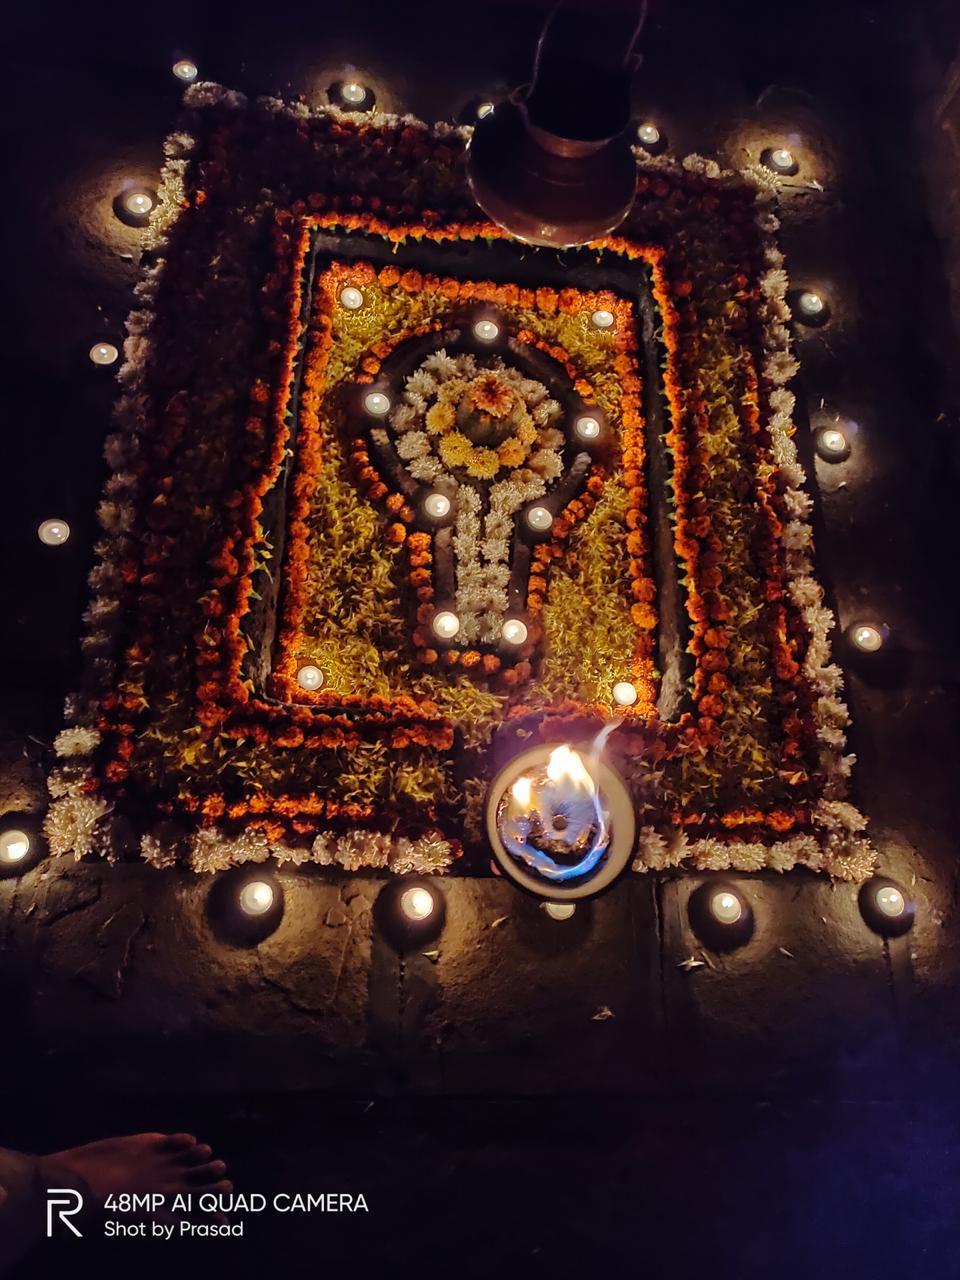 'पहिला दिवा त्या देवाला, ज्यामुळे मंदिरात देव आहेत' या वाक्याला अनुसरून गडझुंजार मावळे प्रतिष्ठान, सरहद परिवार व भटकंती गडदुर्गांची यांच्यातर्फे किल्ले राजगड वर दीपोत्सव आयोजित केला होता. या उपक्रमाचे हे सलग नववे वर्ष होते. (सर्व फोटो- अभिषेक कोंडे)